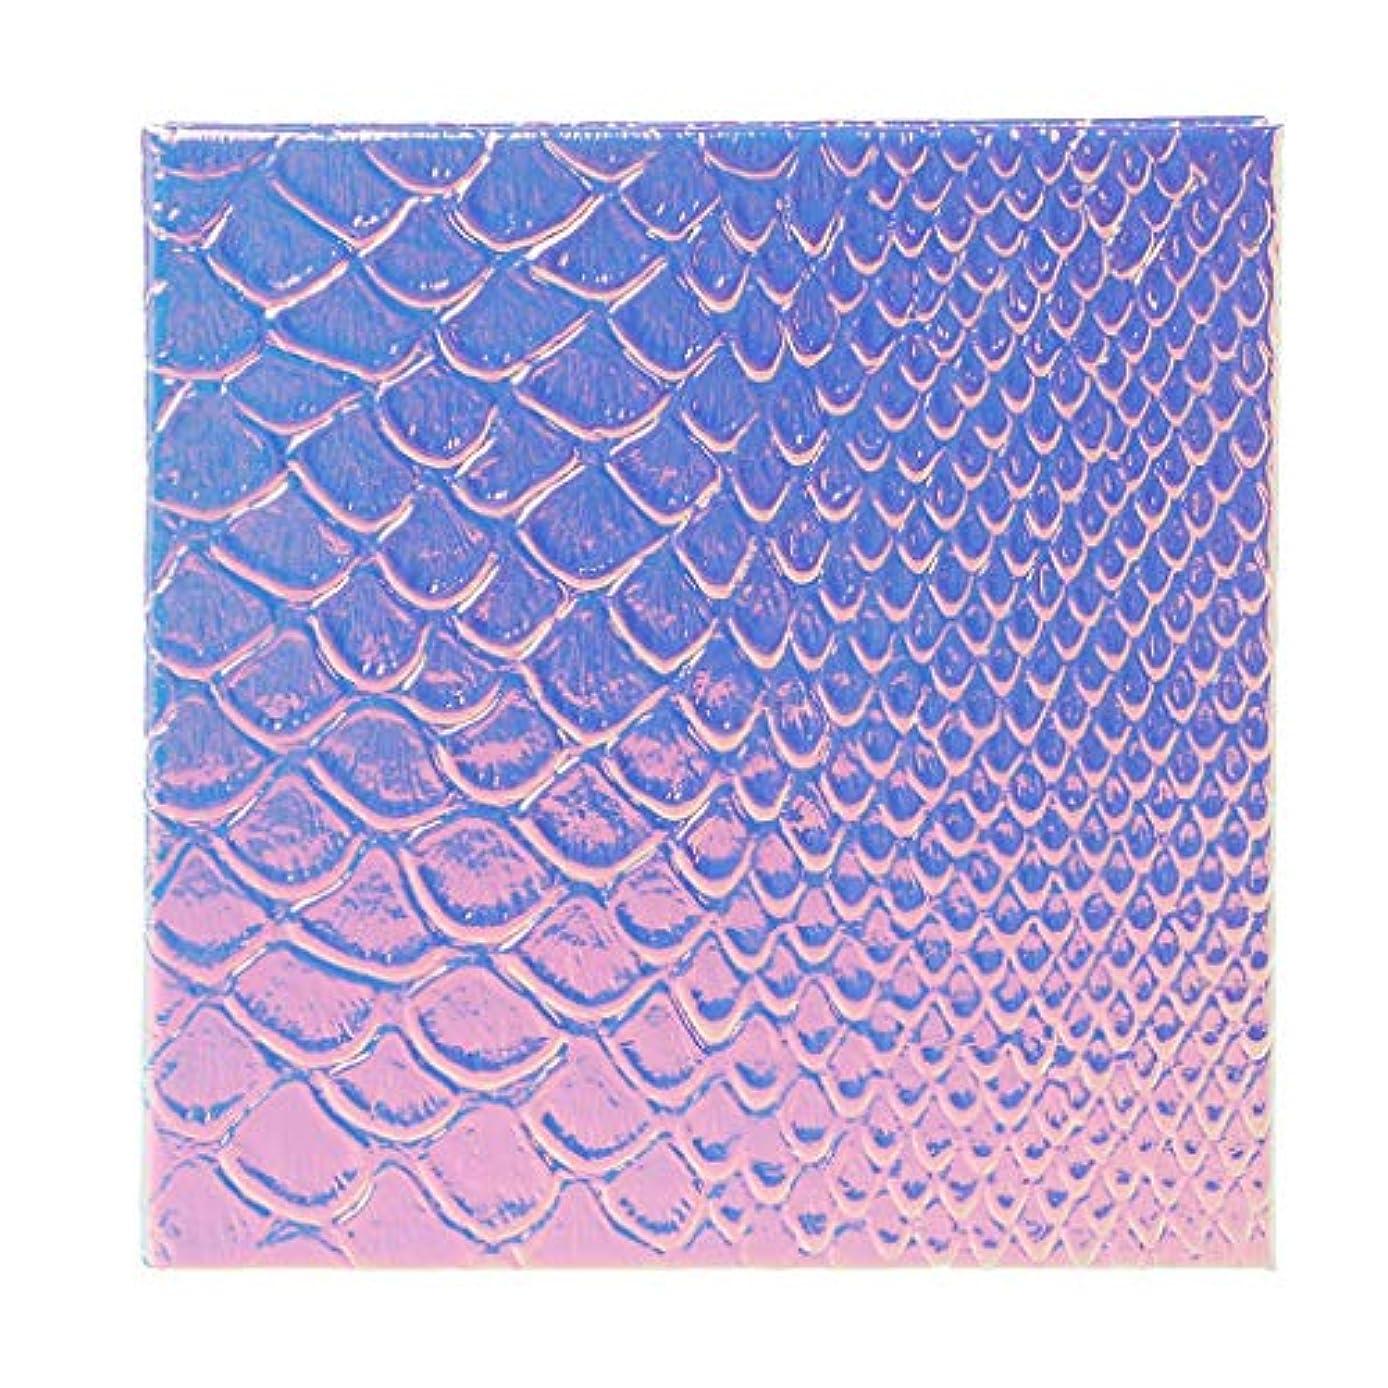 分析的な究極のご近所Lamdoo魚スケール空磁気化粧パレットdiyアイシャドーコンシーラーケースホルダー - 2#